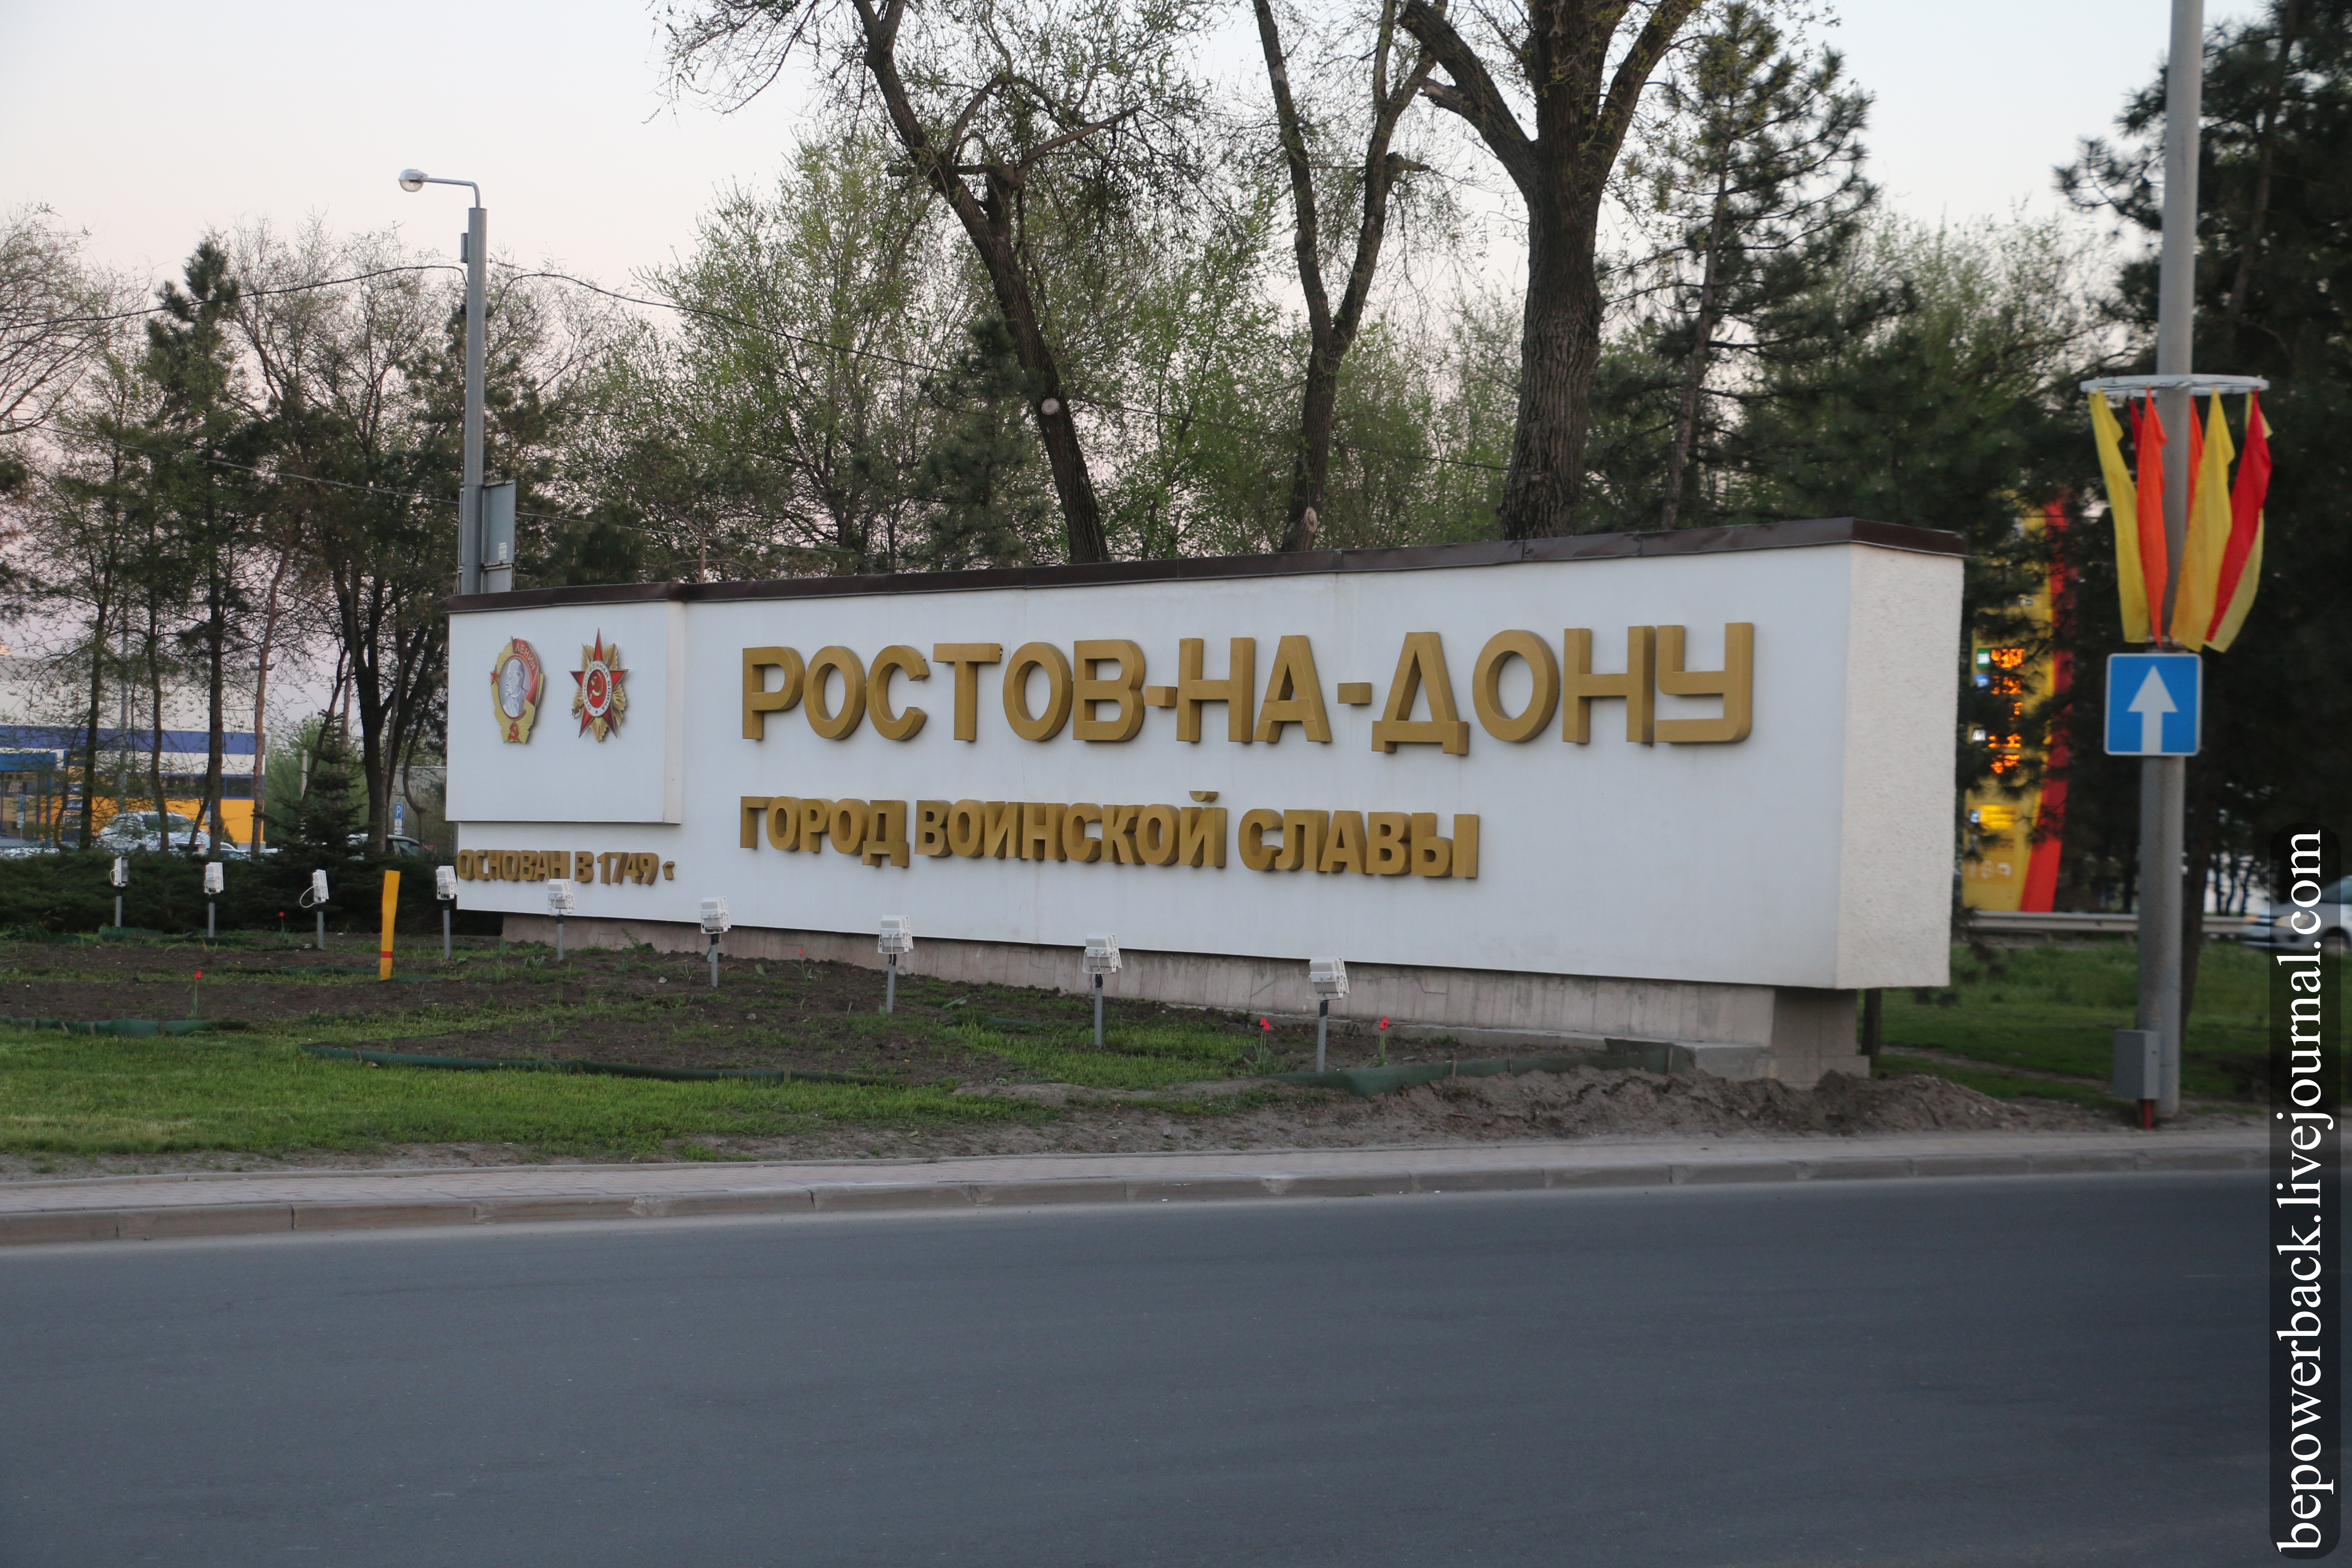 Расписание поездов Казахстана